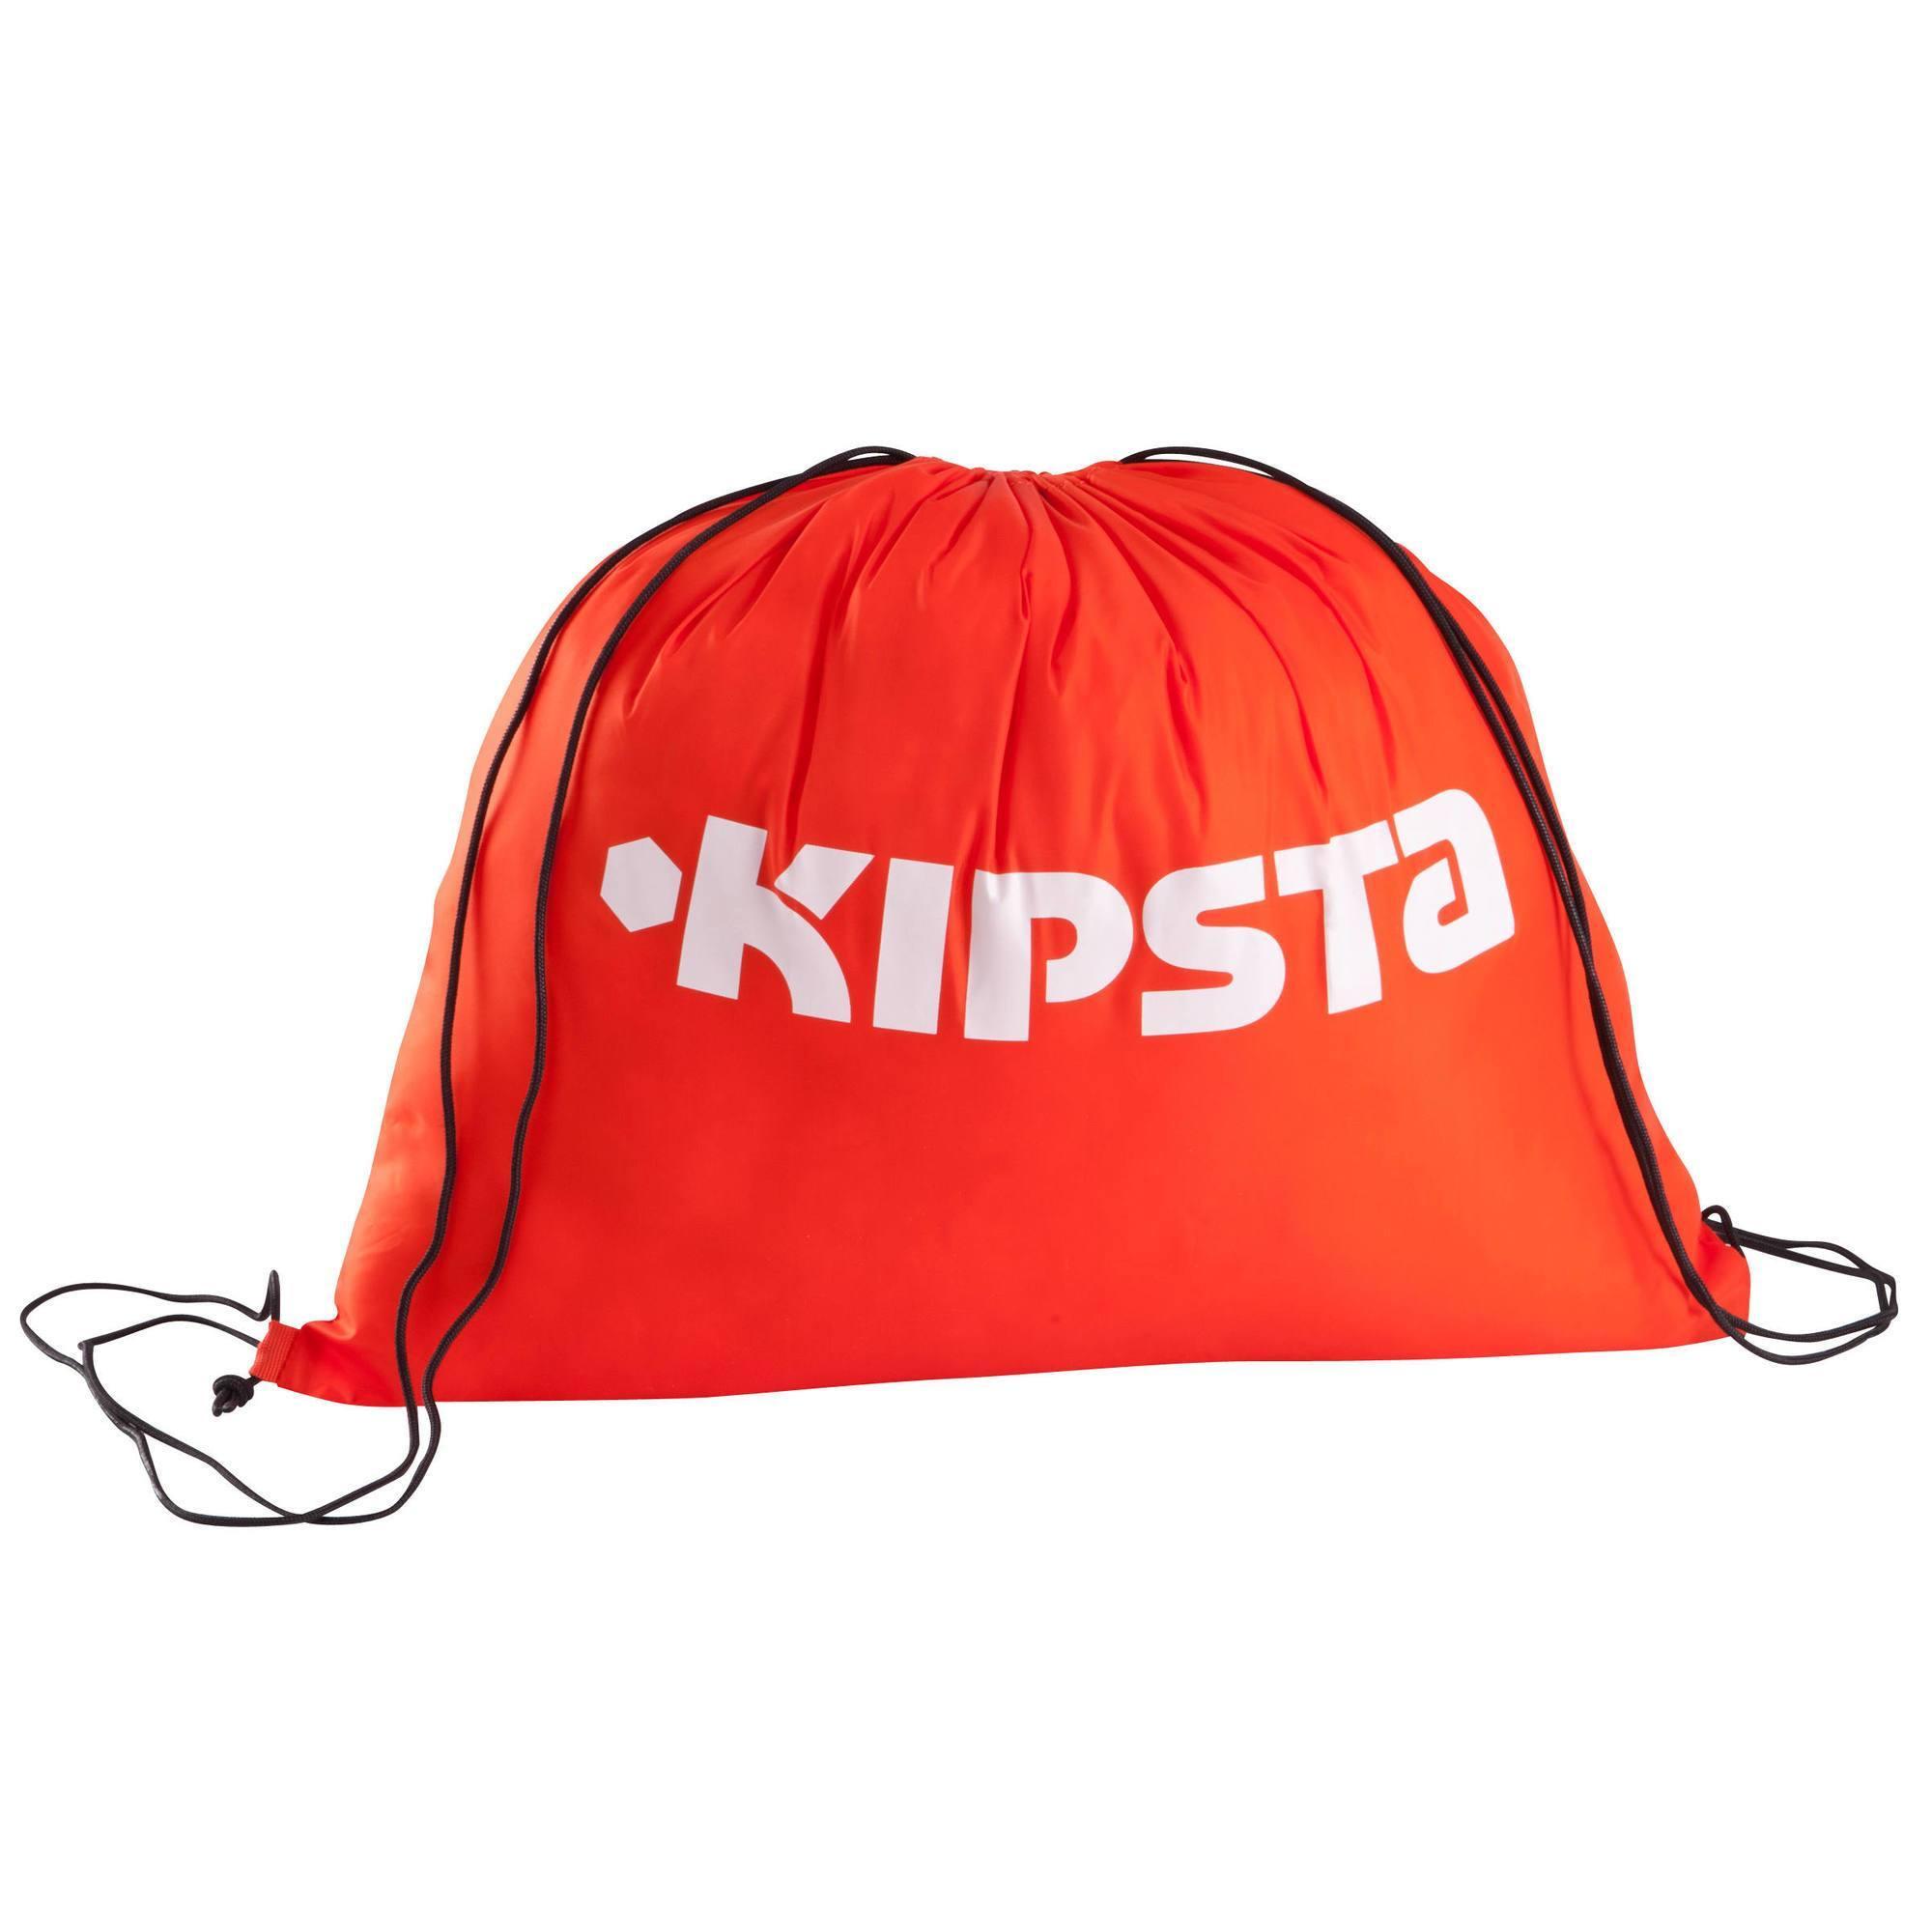 Sac à dos de sports collectifs Light 15 litres orange blanc